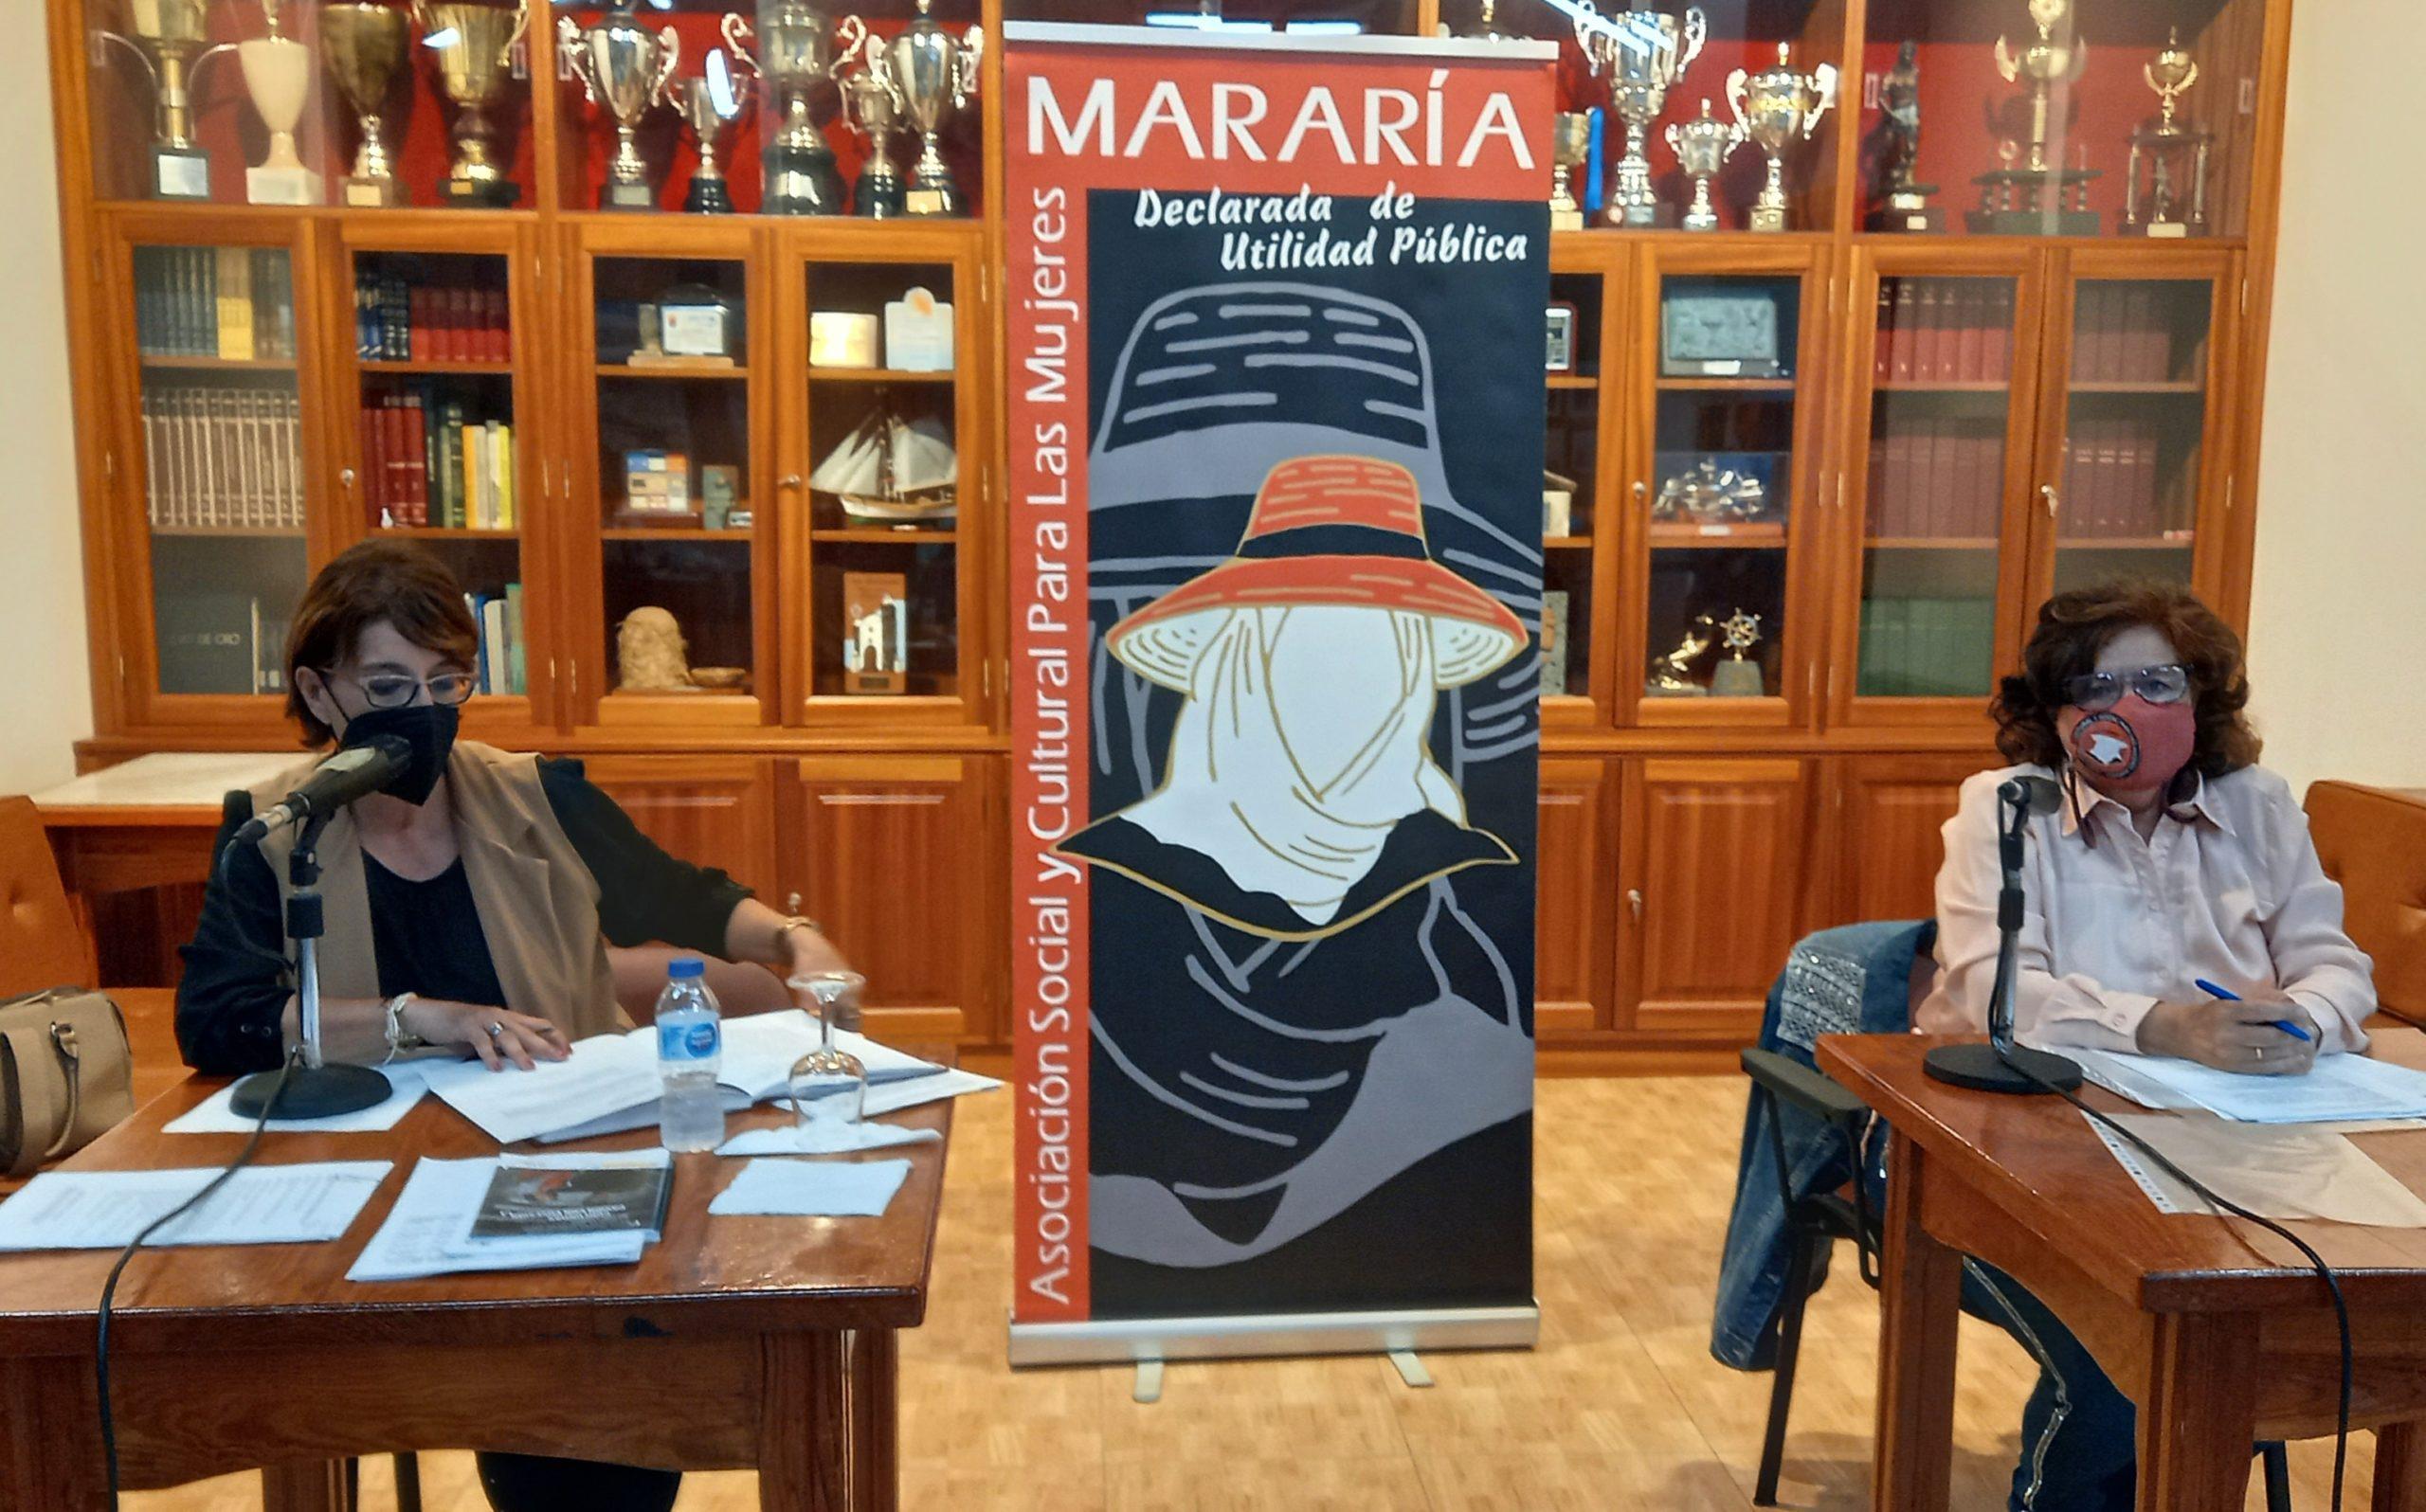 Mararía atendió en 2020 a más de 4.100 personas gracias a su trabajo de acción social